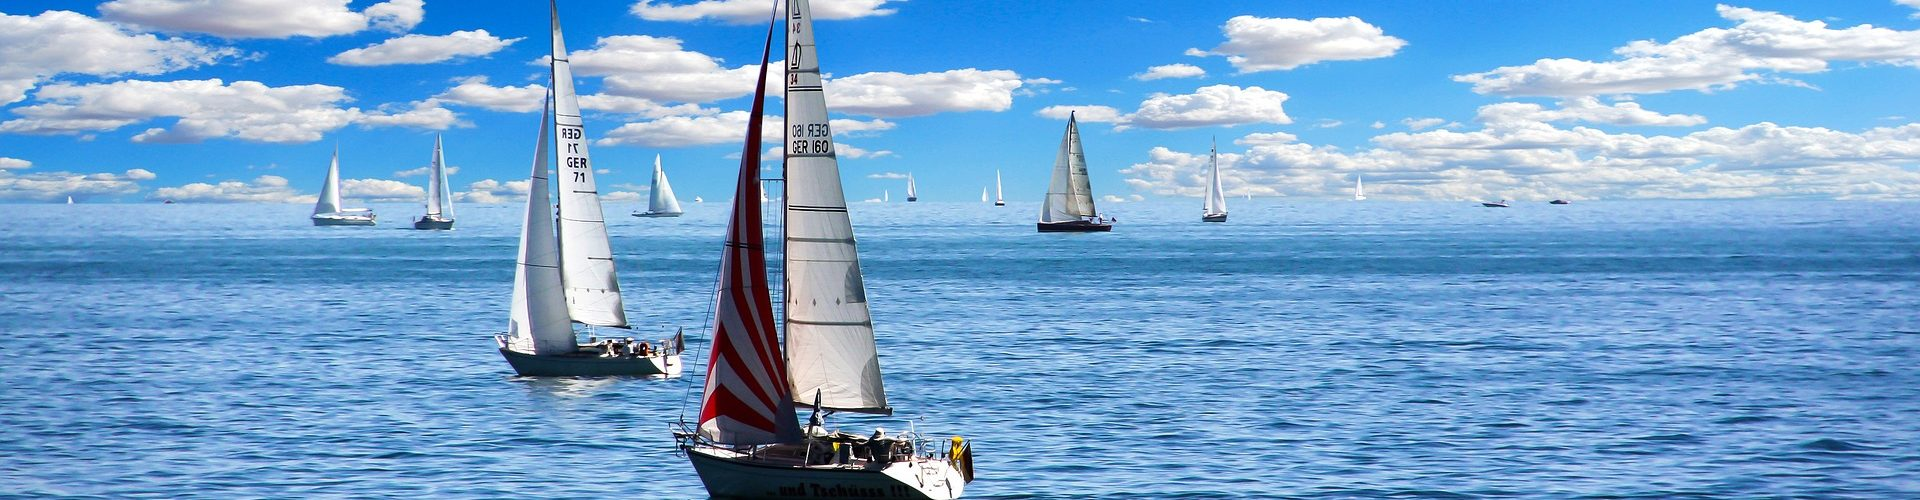 segeln lernen in Zwenkau segelschein machen in Zwenkau 1920x500 - Segeln lernen in Zwenkau